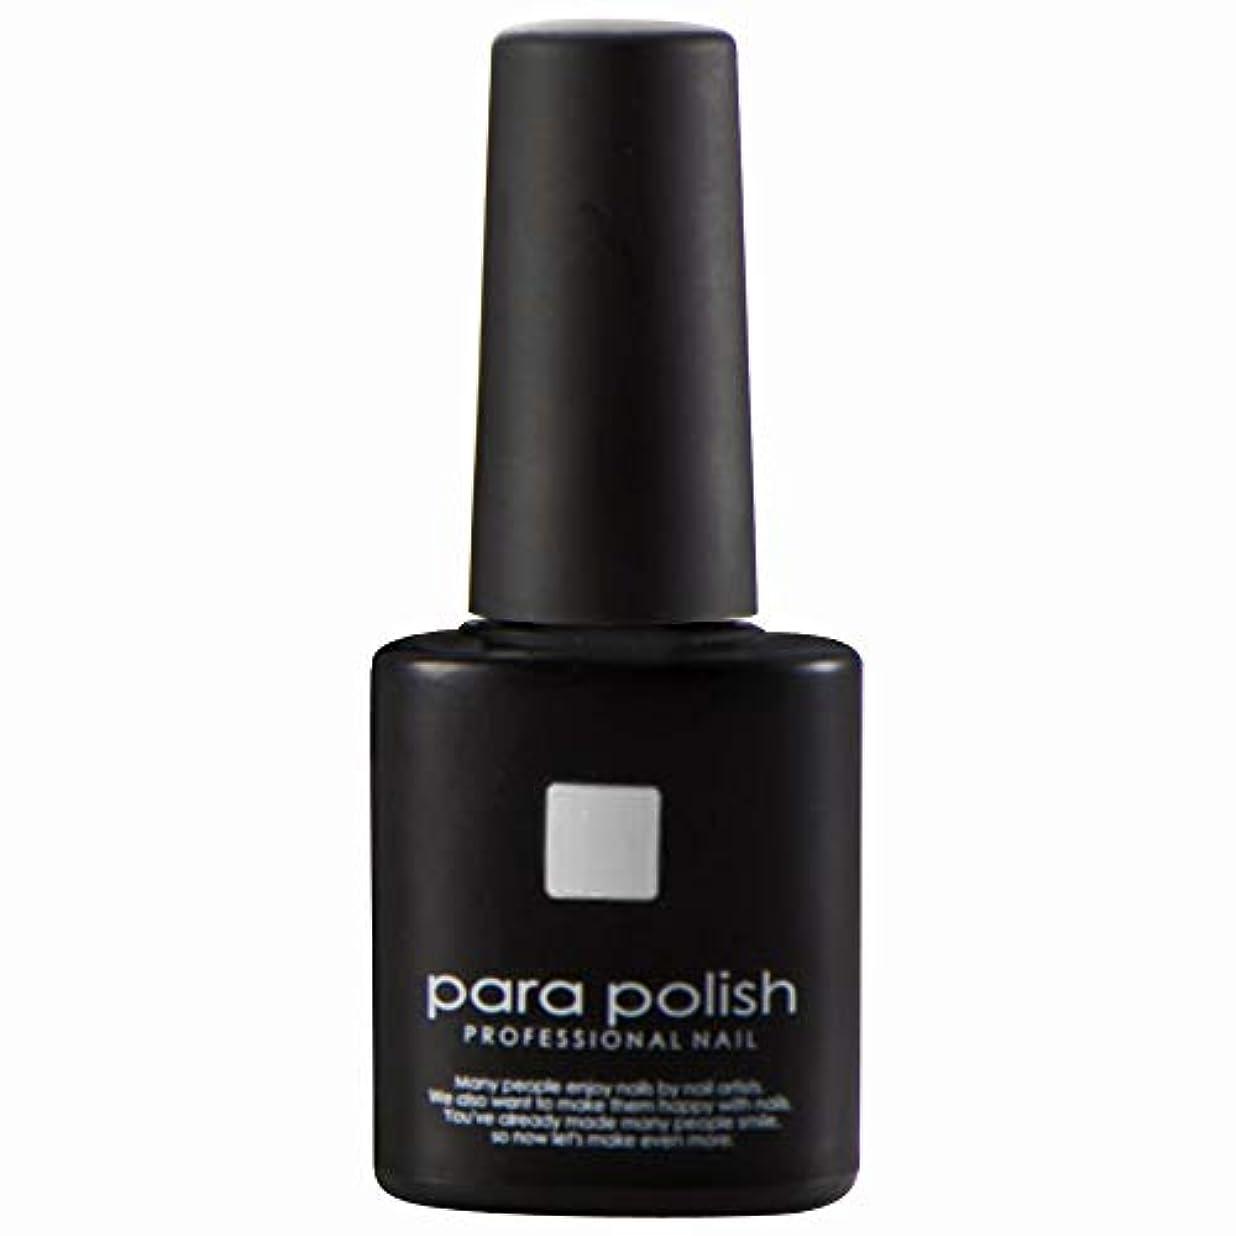 スクラッチブロックするアルコールパラジェル para polish(パラポリッシュ) カラージェル V2 レッド 7g